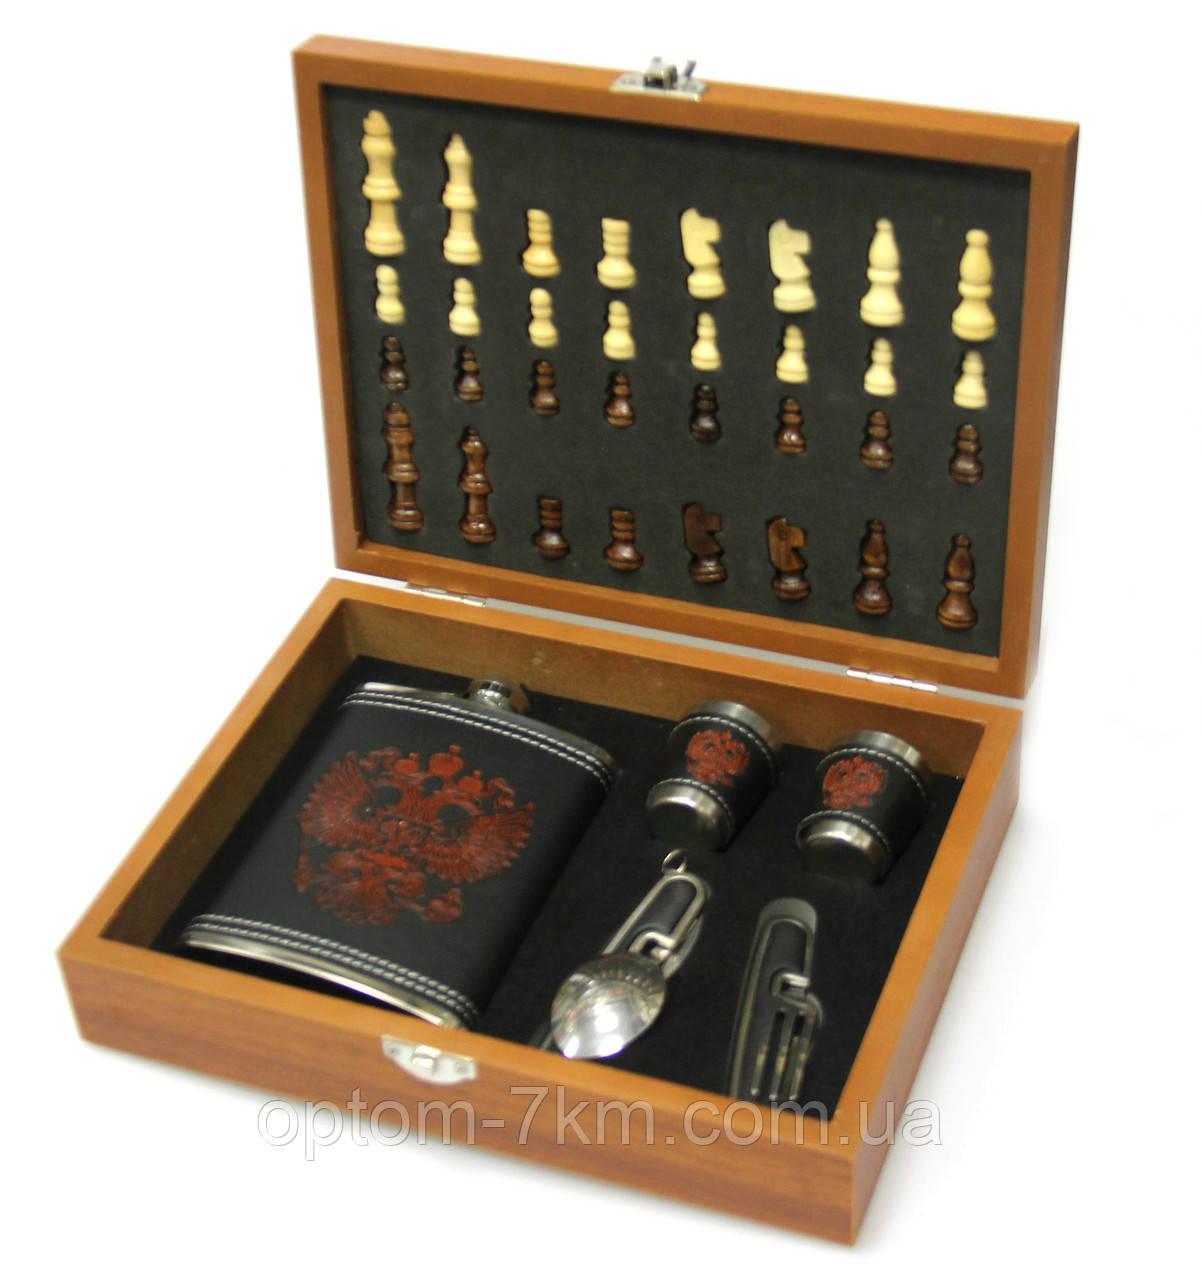 Чоловічий подарунковий набір з флягою і шахами №QZ8 3278 VJ